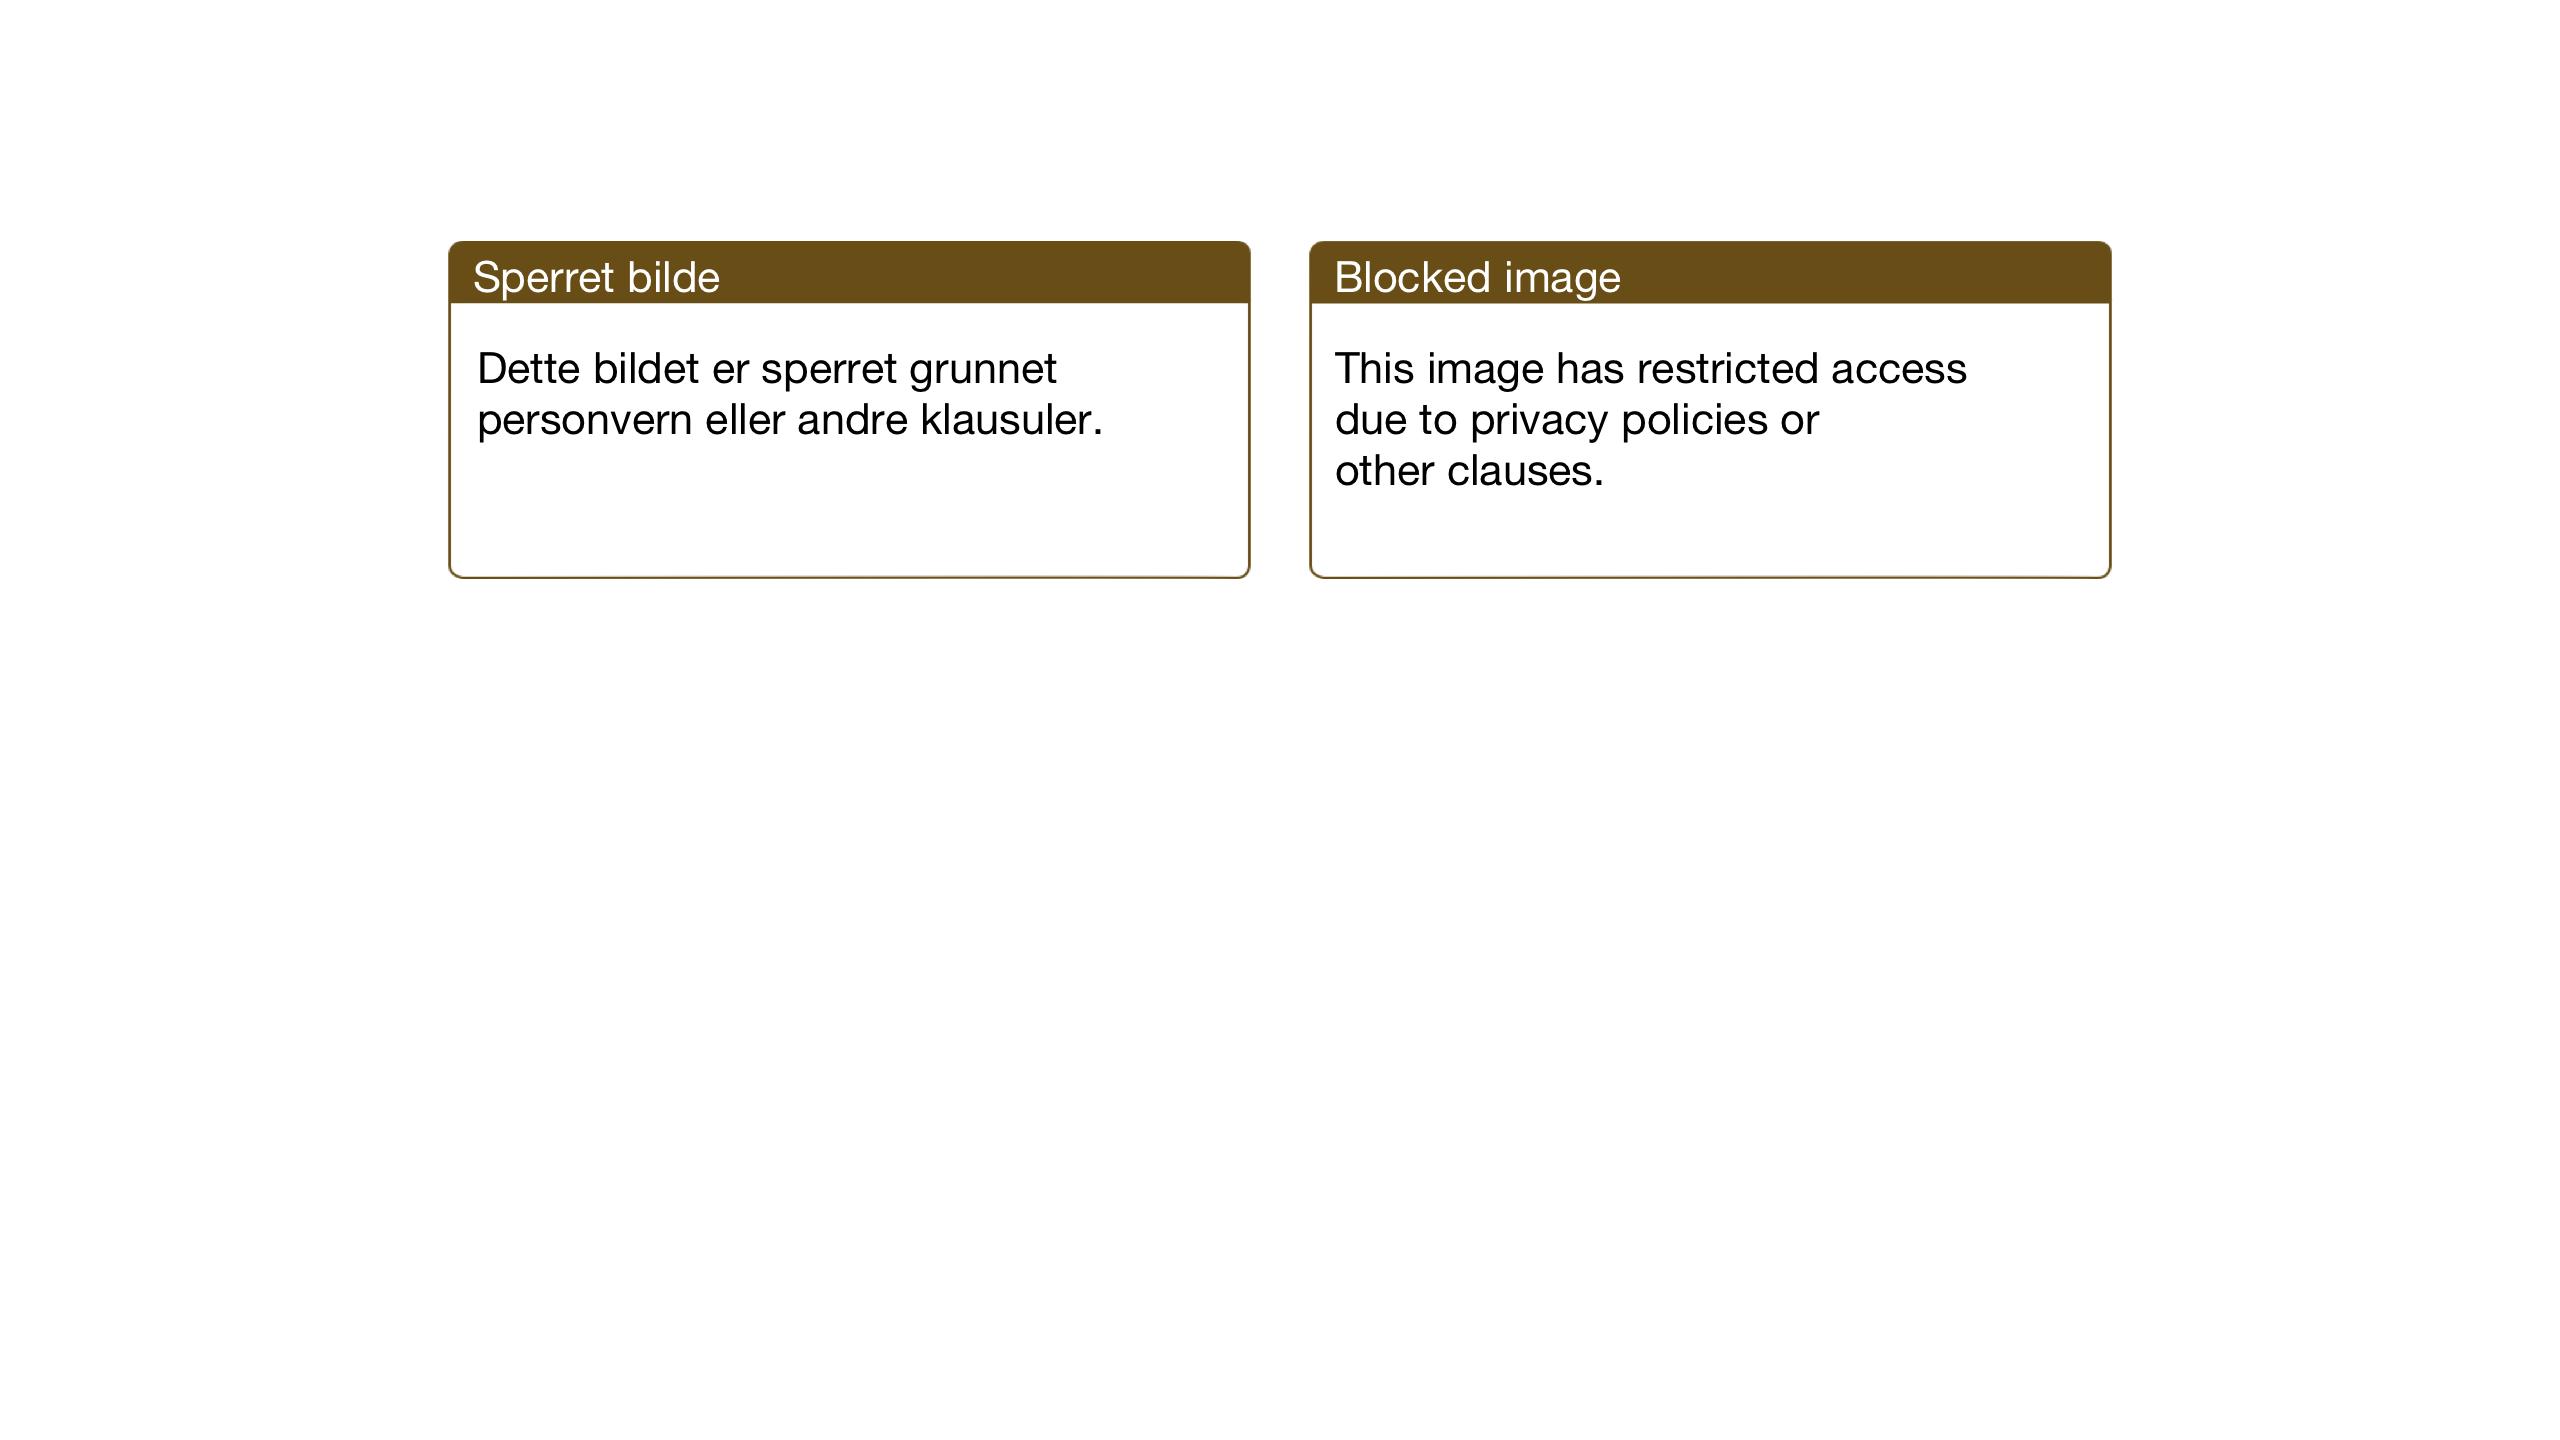 SAT, Ministerialprotokoller, klokkerbøker og fødselsregistre - Nord-Trøndelag, 755/L0494: Ministerialbok nr. 755A03, 1882-1902, s. 300